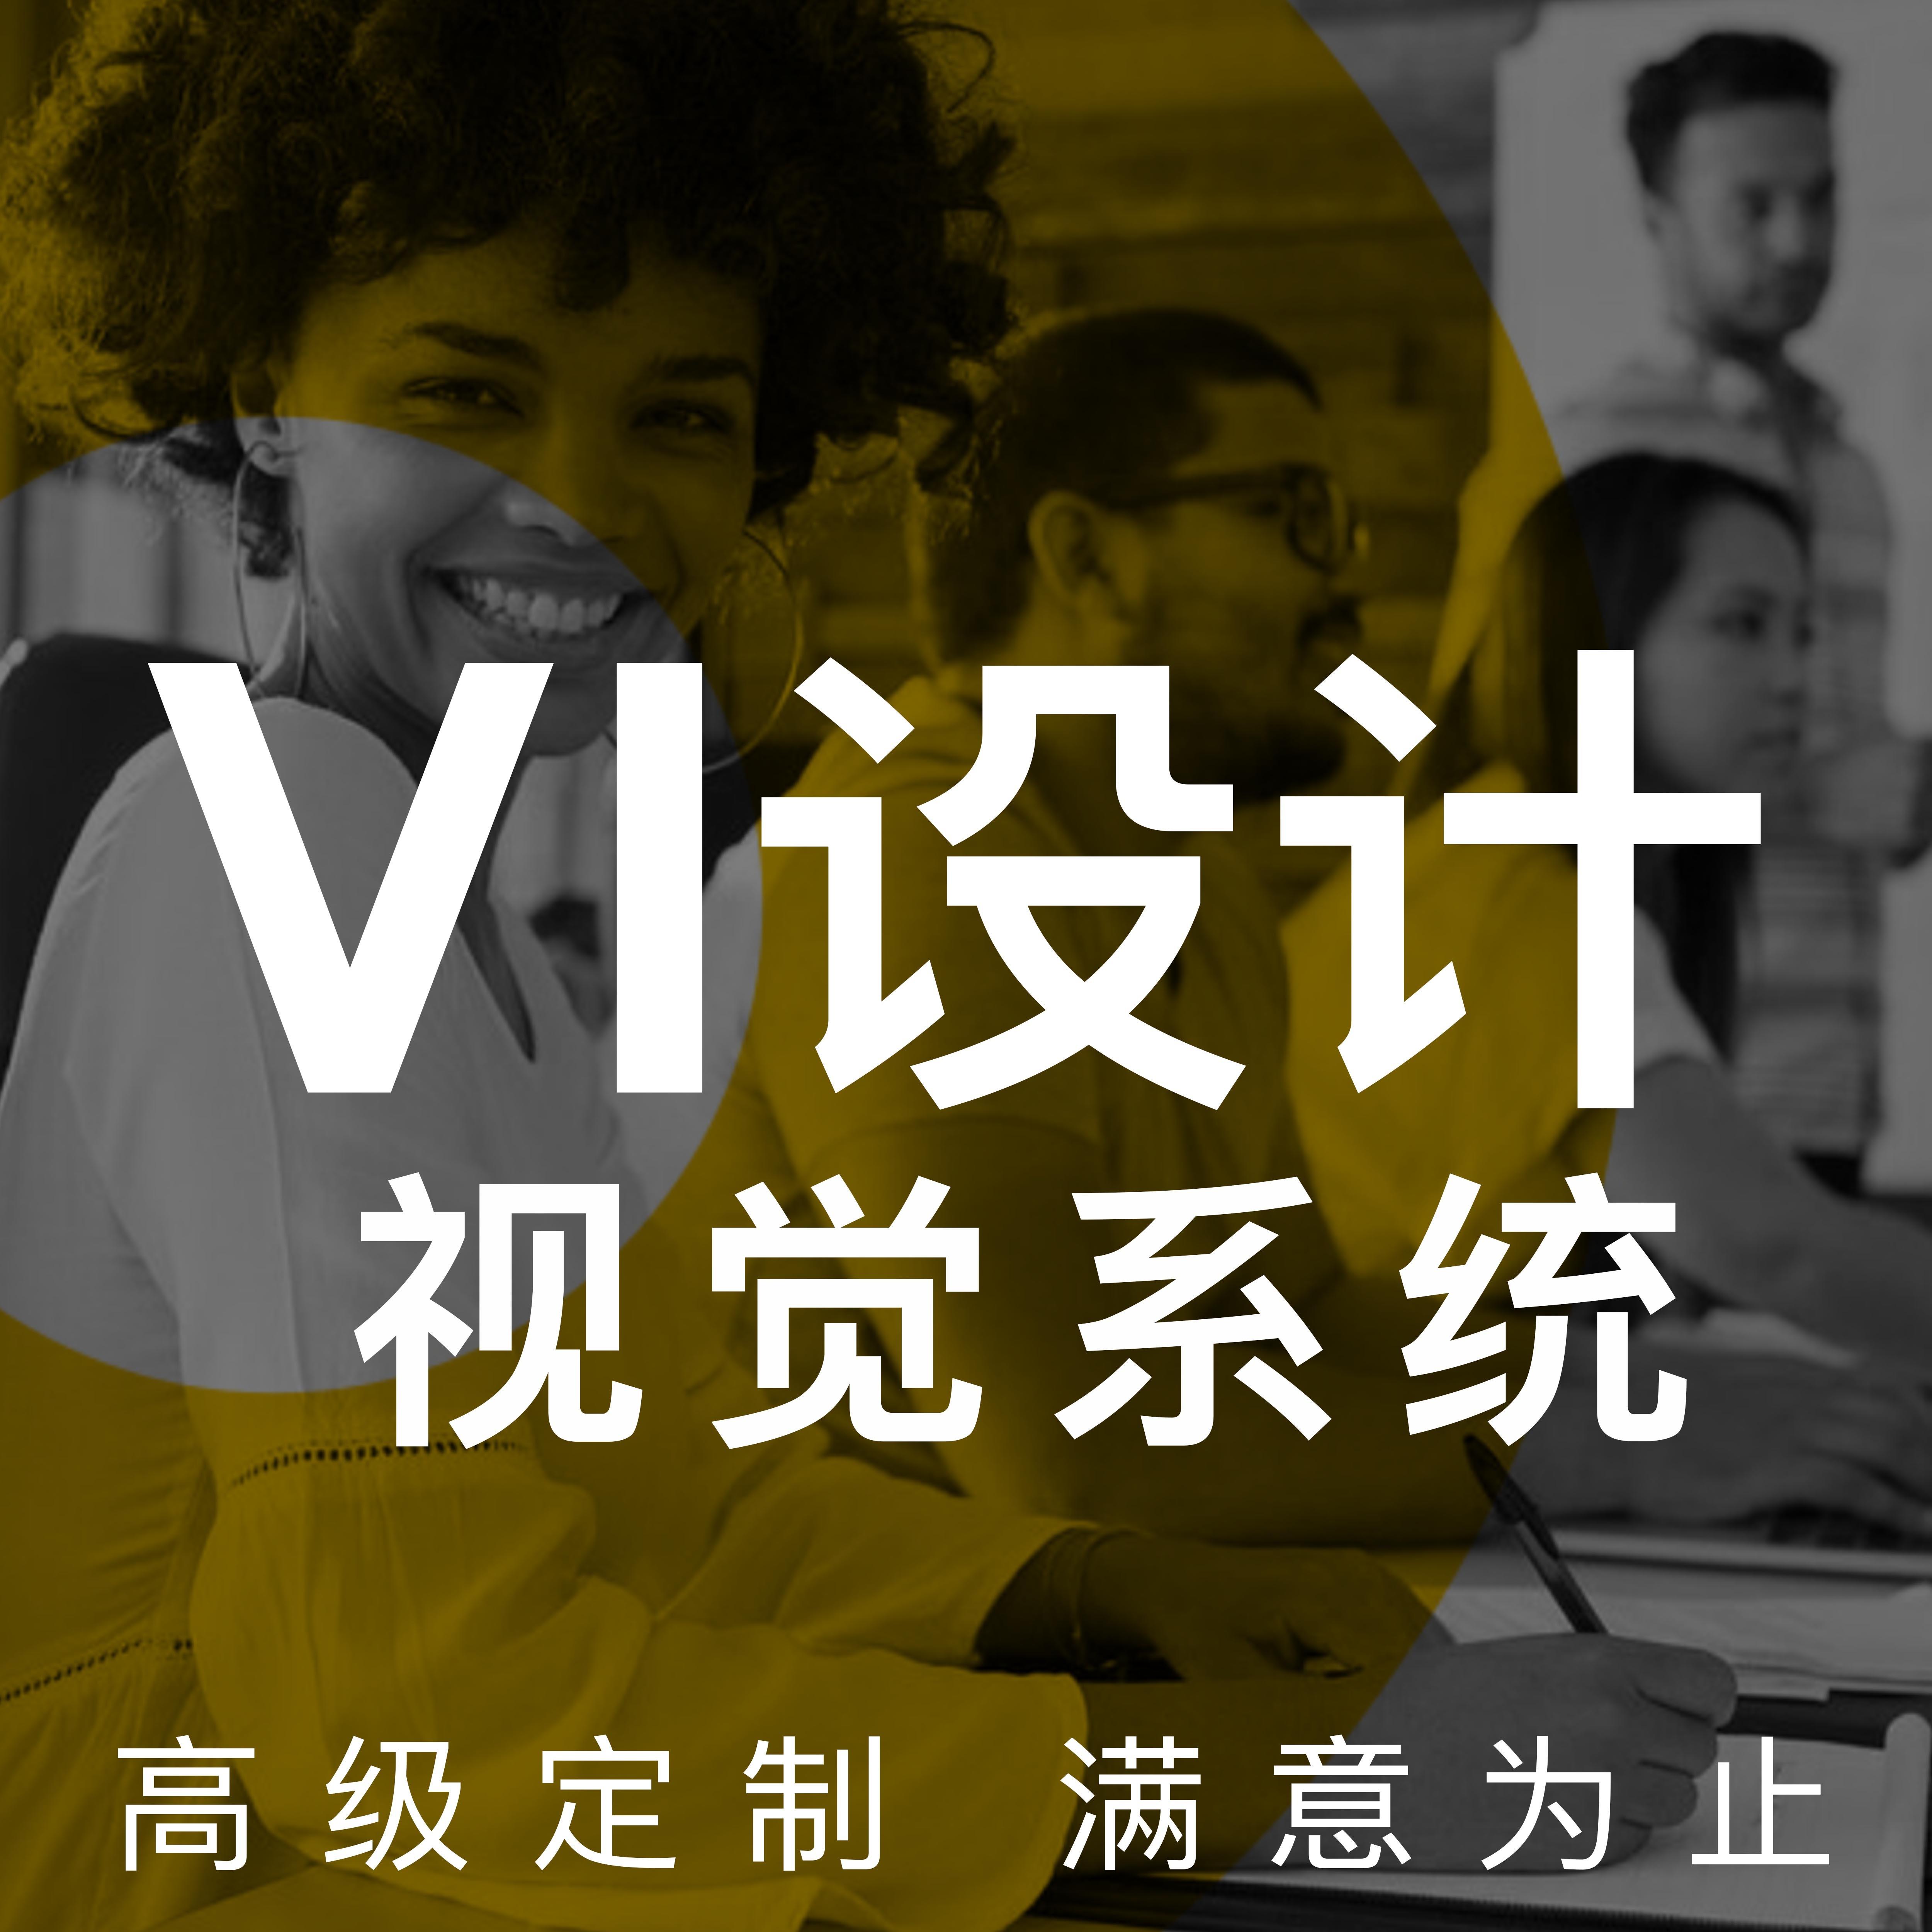 游戏/餐饮/娱乐/旅游 VI设计 专属定制全套 vi 视觉系统 设计